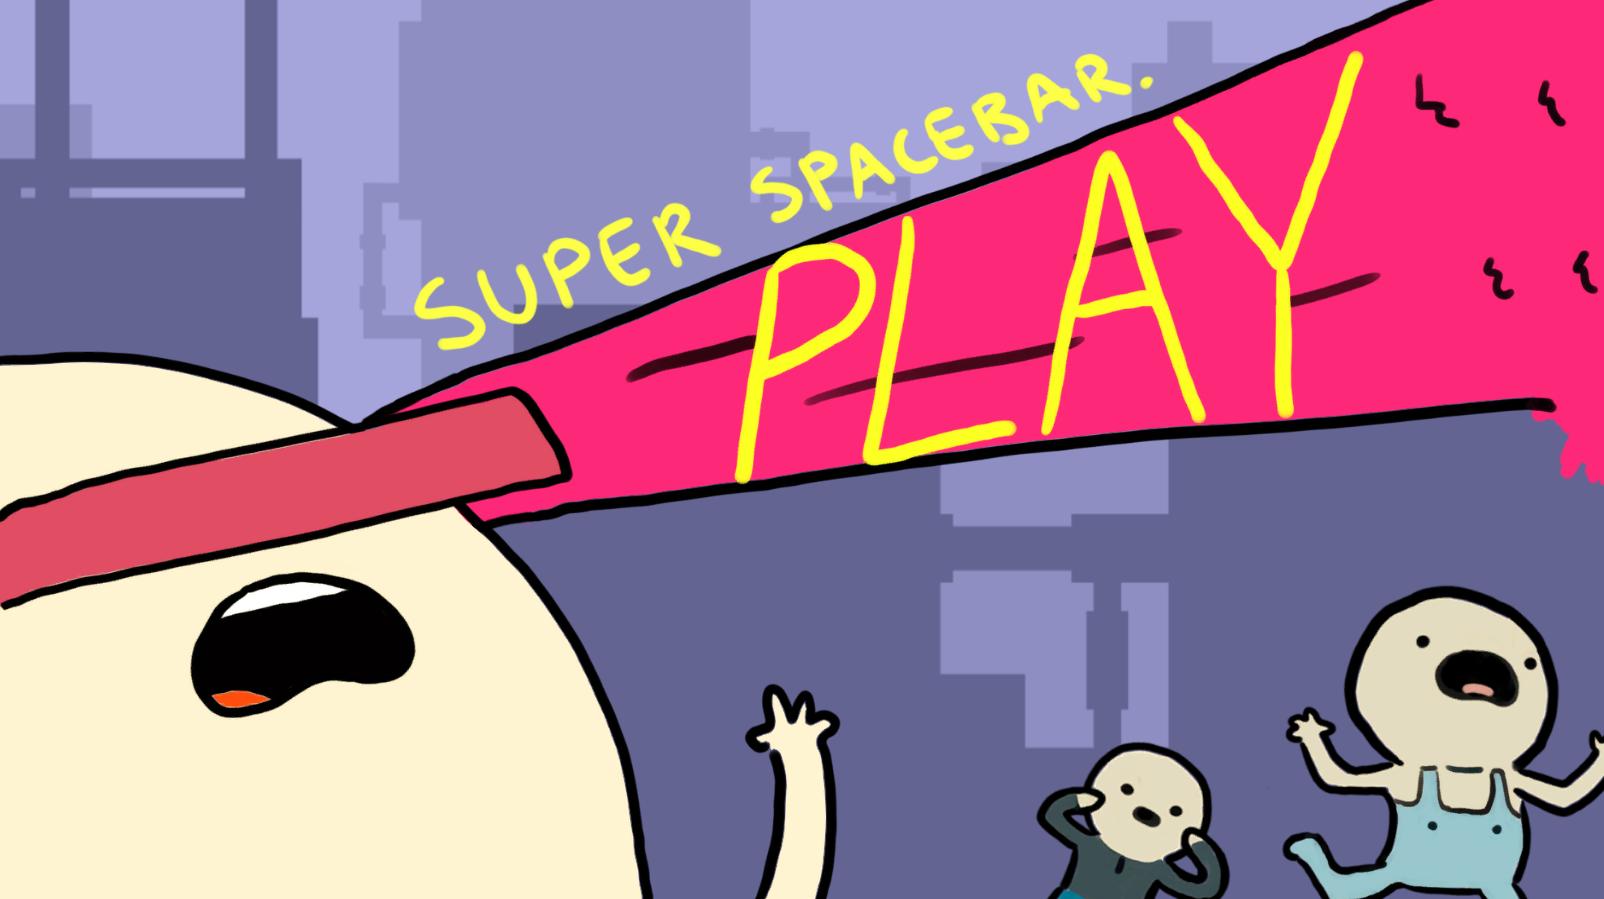 Super Spacebar